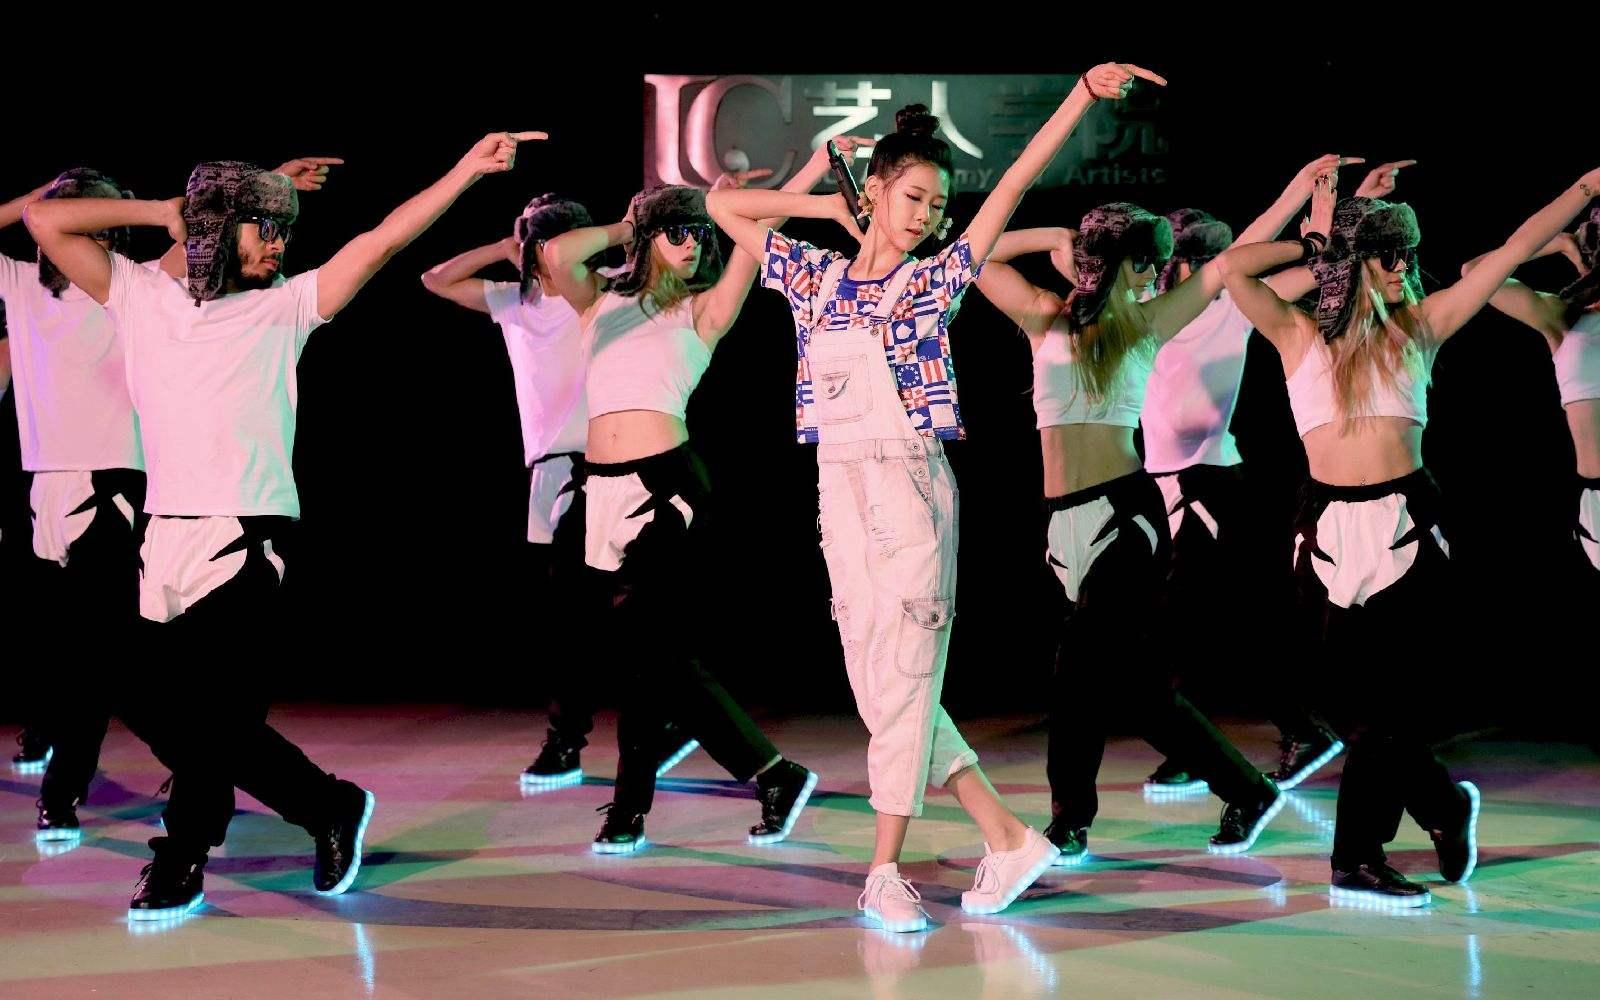 鬼步舞曲经常用的歌有哪些 鬼步舞曲有哪些